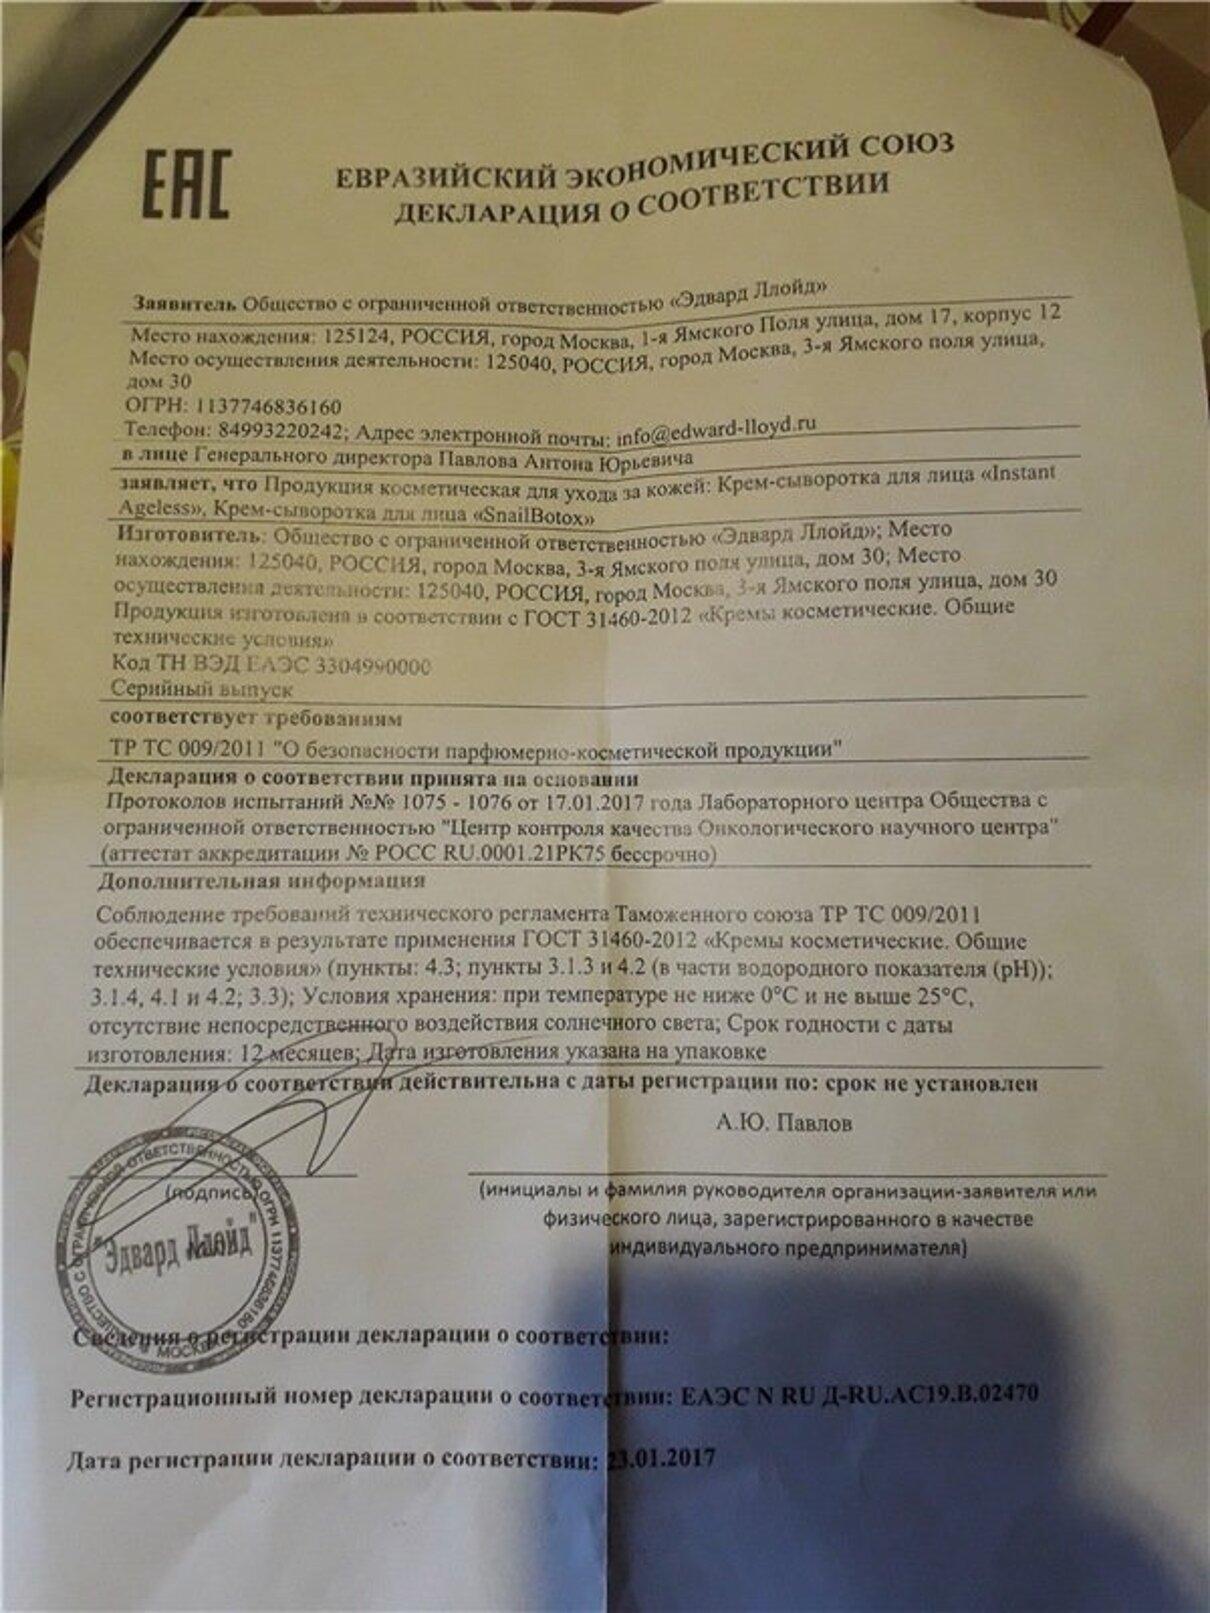 Жалоба-отзыв: ИНТОРГ Н 8(958)7090021 - Получение поддельной продукции вместо заказанной.  Фото №4